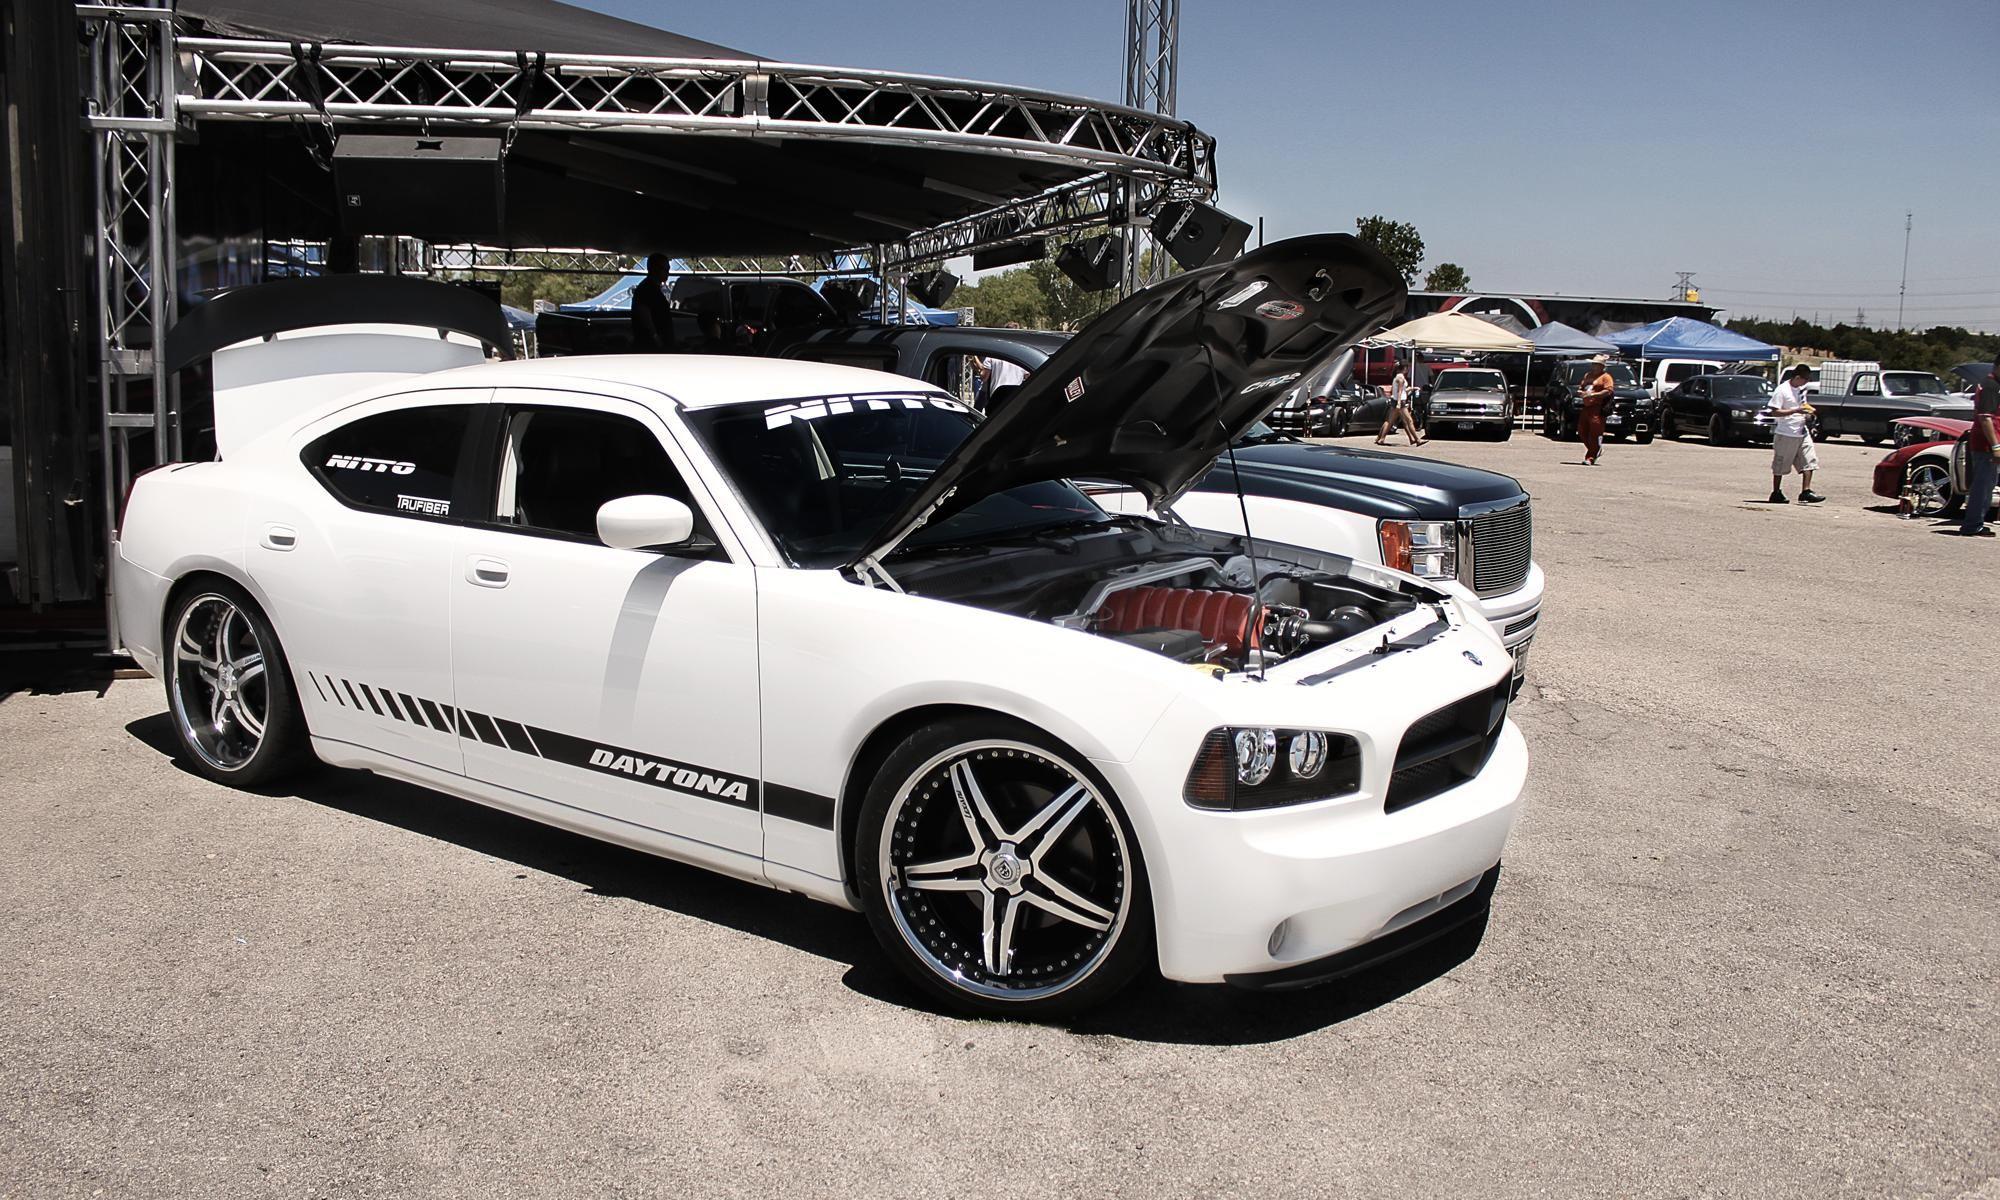 Dodge charger mopar hd wallpapers cars ll l pinterest mopar dodge charger and dodge